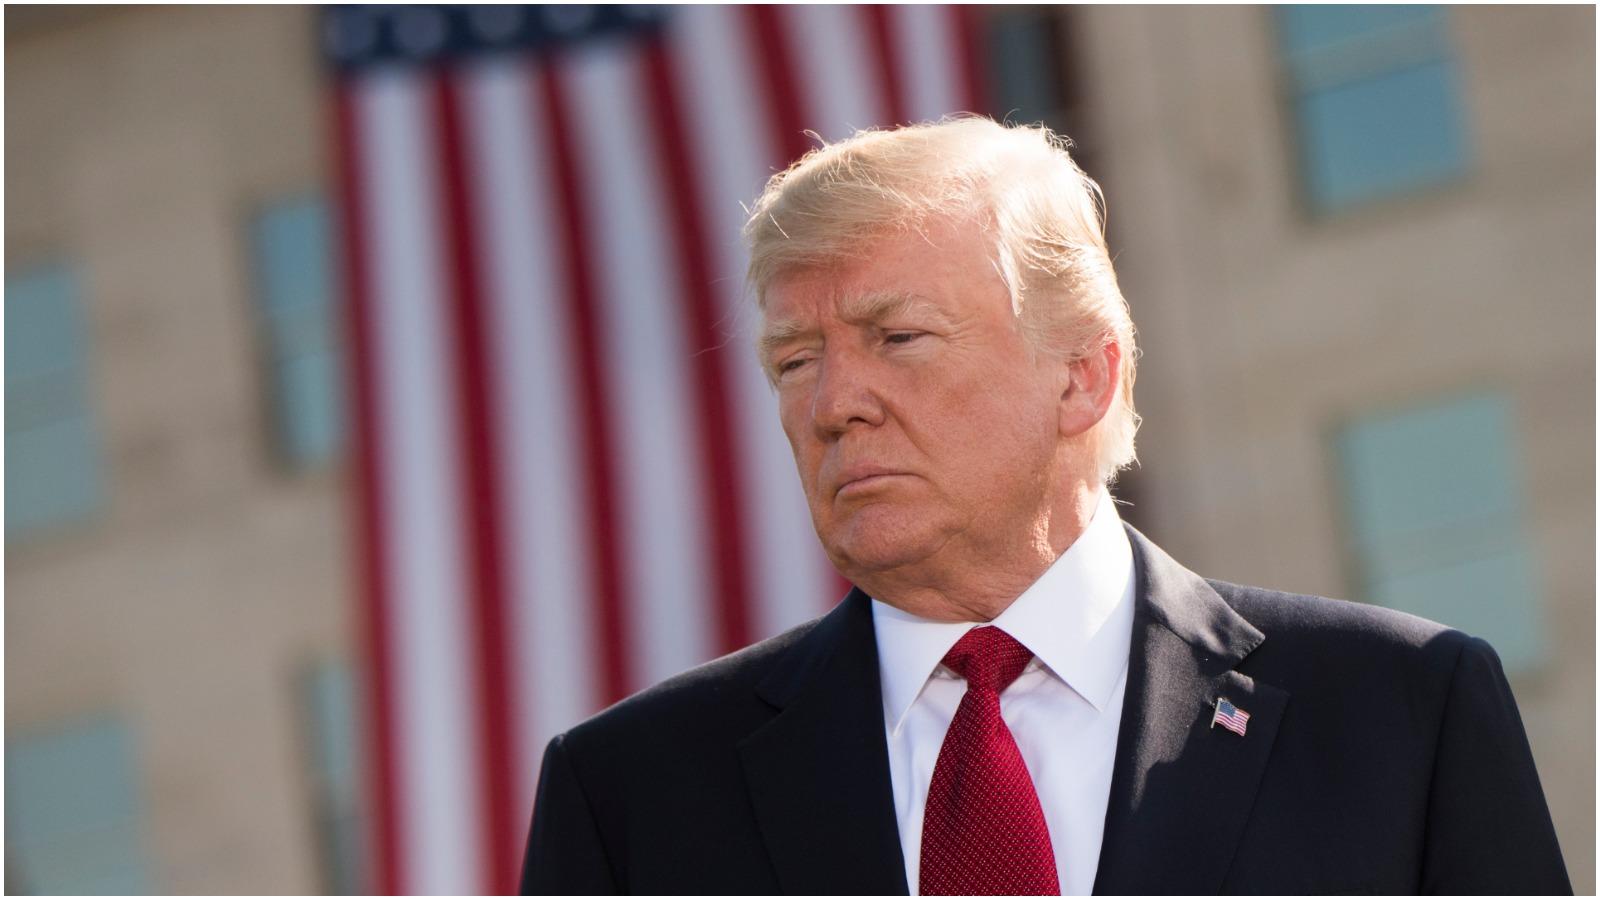 Professor Christian Bjørnskov: Underskud på betalingsbalancen er ikke et problem, og eksport skaber ikke jobs, så Trumps politik kan kun fejle